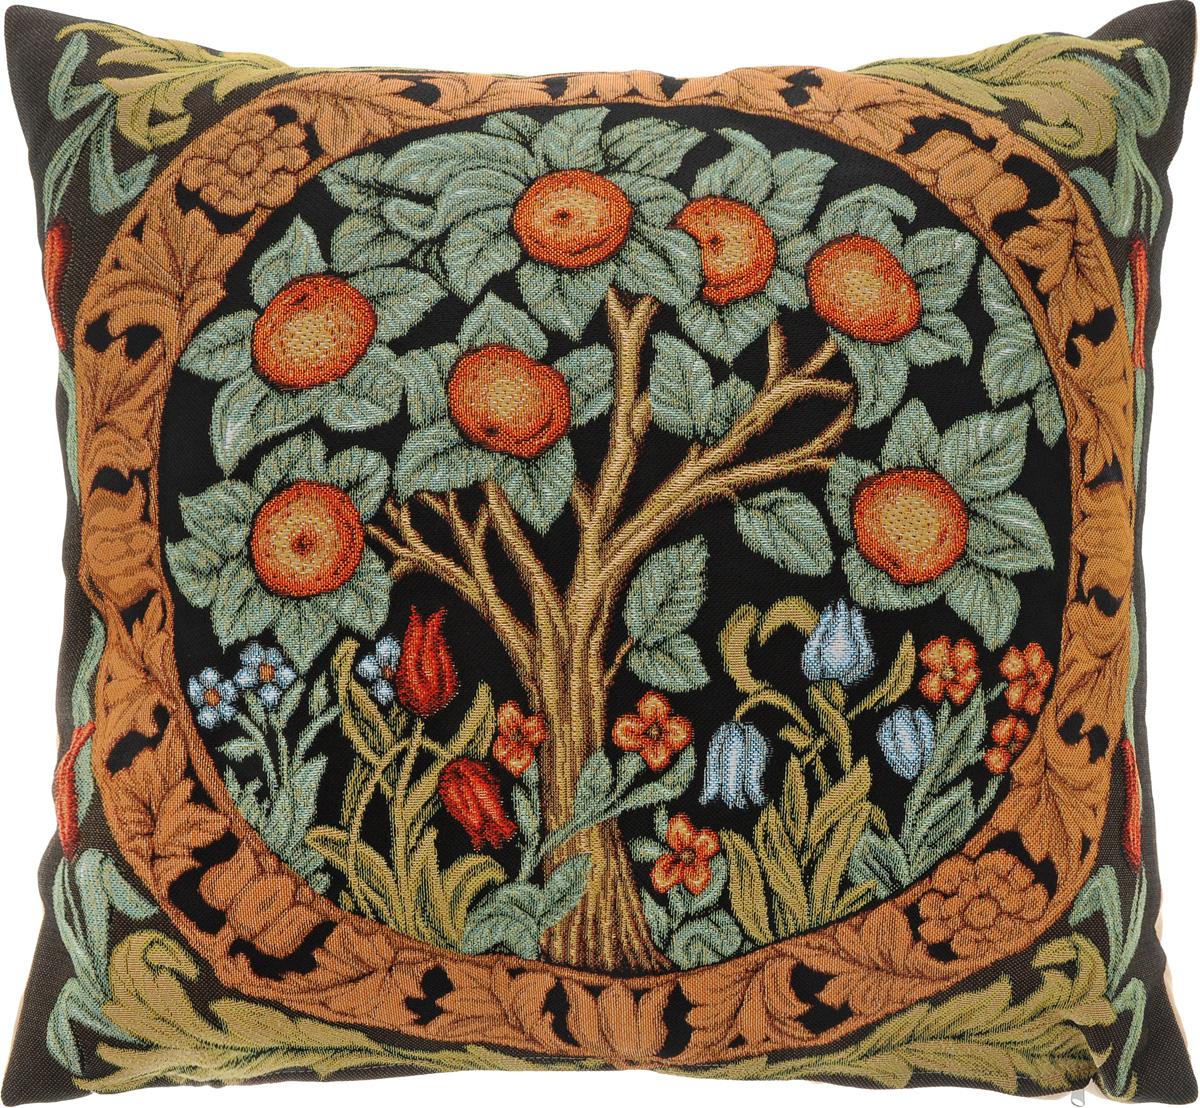 Подушка декоративная Рапира Апельсиновое дерево, 45 х 45 см подушка декоративная рапира игривые котята в корзине 35 х 90 см